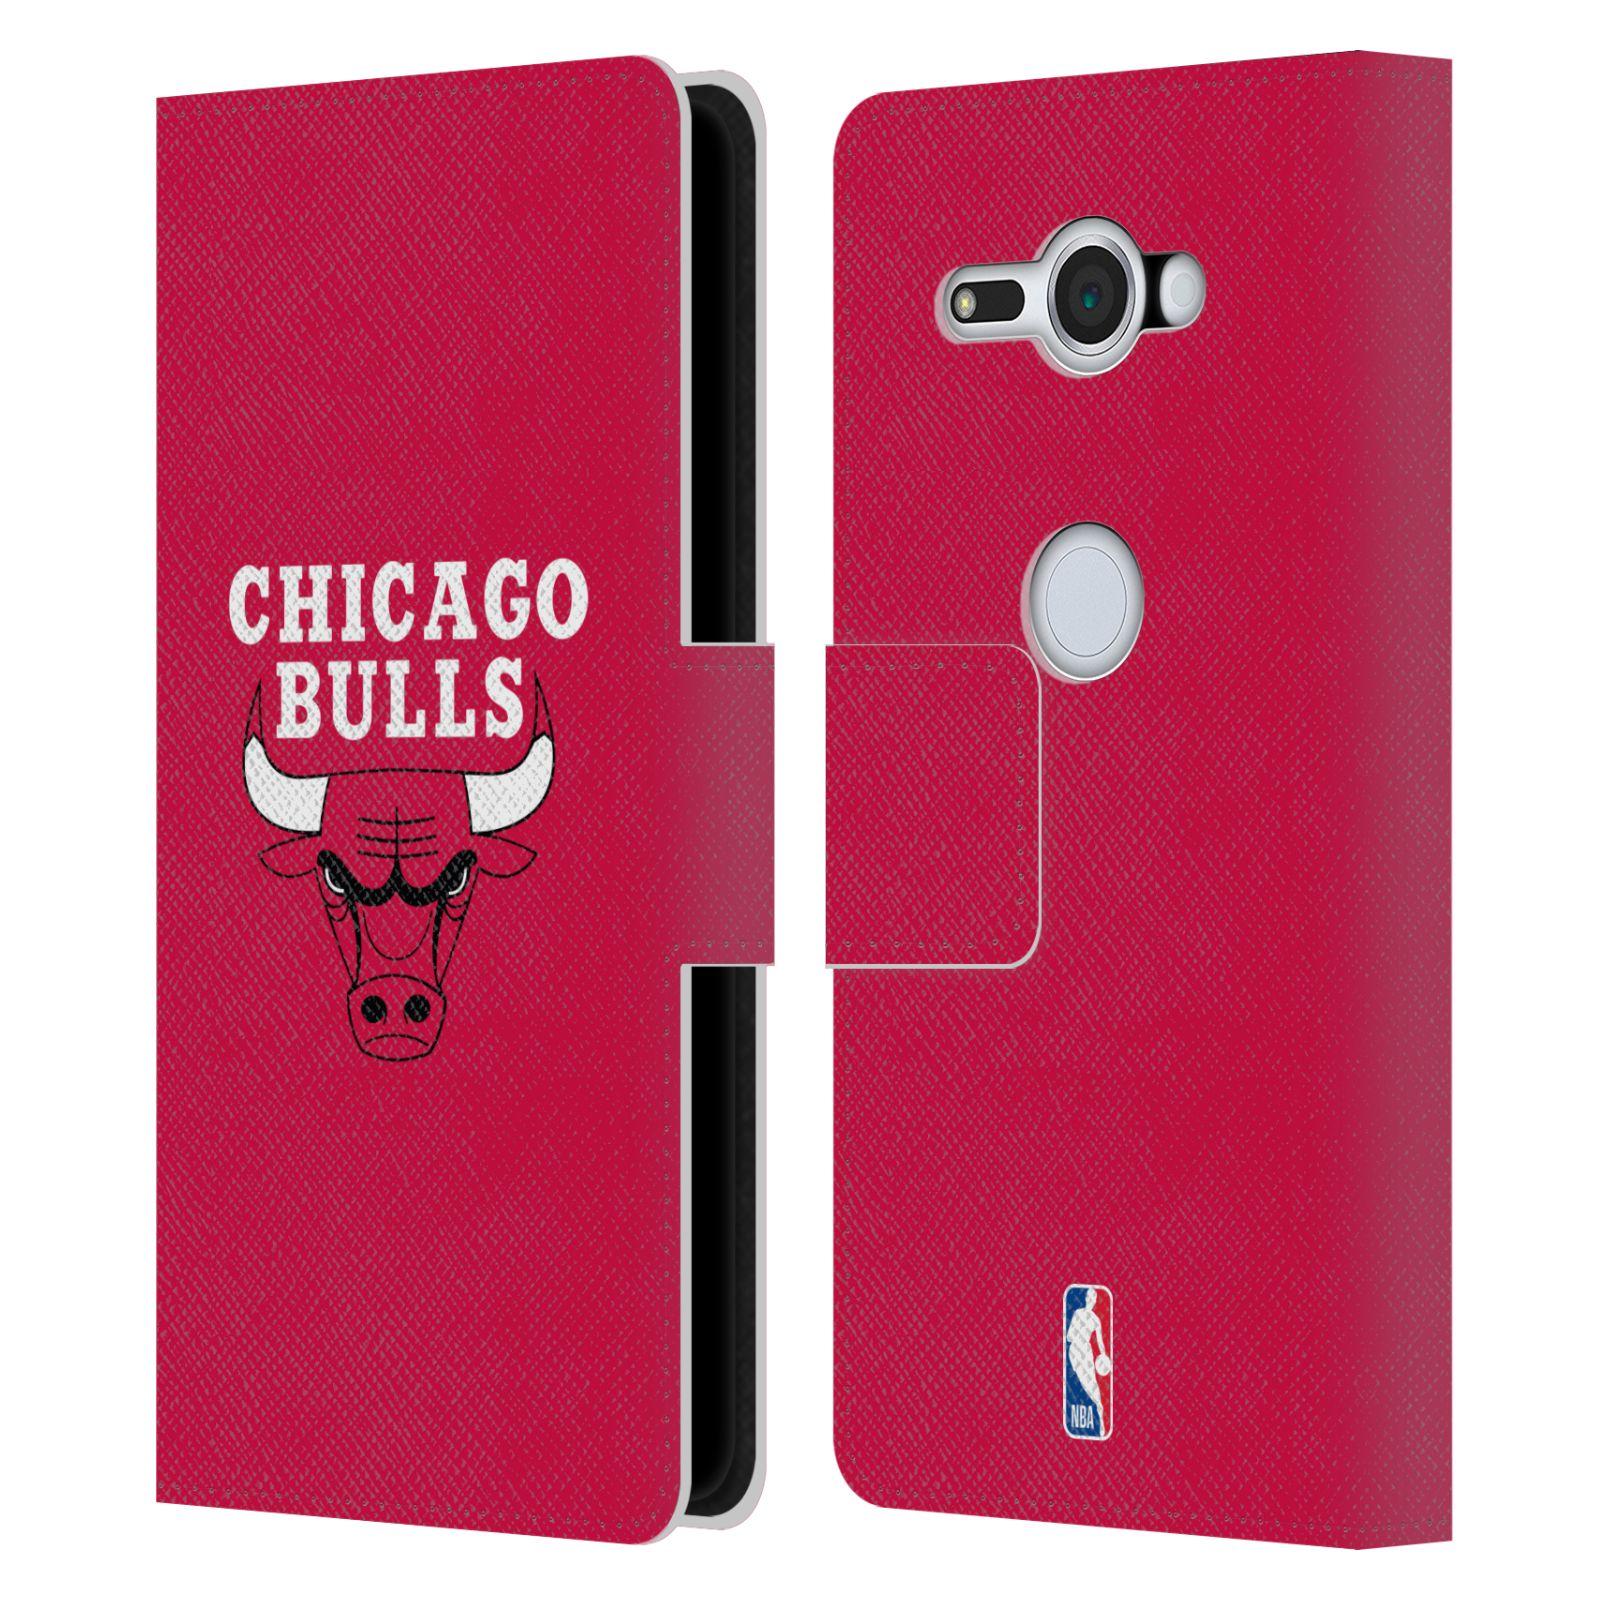 Pouzdro na mobil Sony Xperia XZ2 Compact - Head Case -NBA - Chicago Bulls červená barva znak